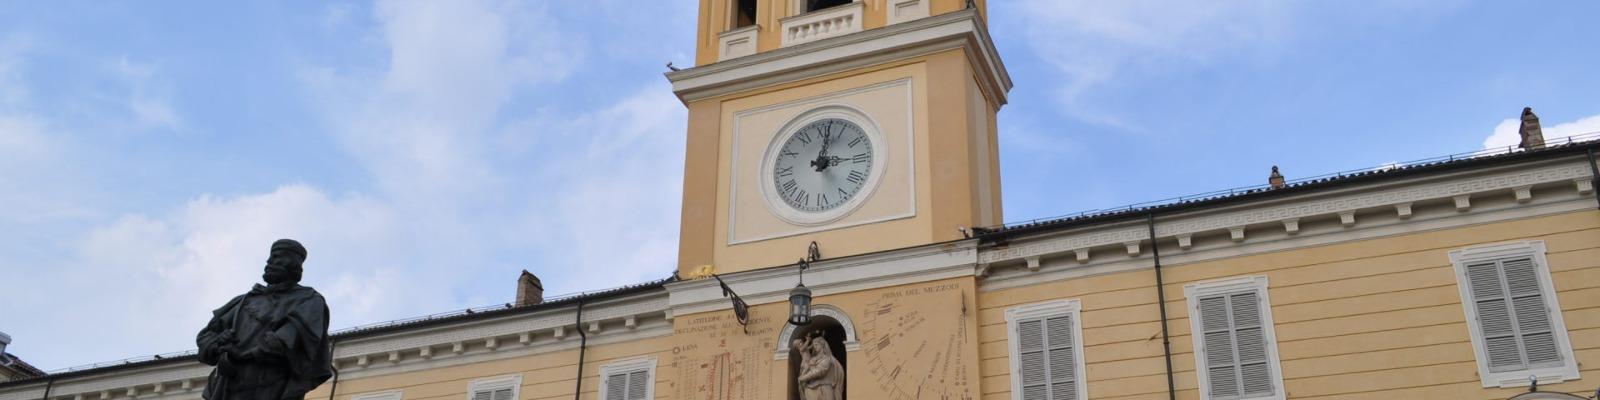 Garibaldi_e_il_Palazzo_del_Governatore_-_Parma-1920x480